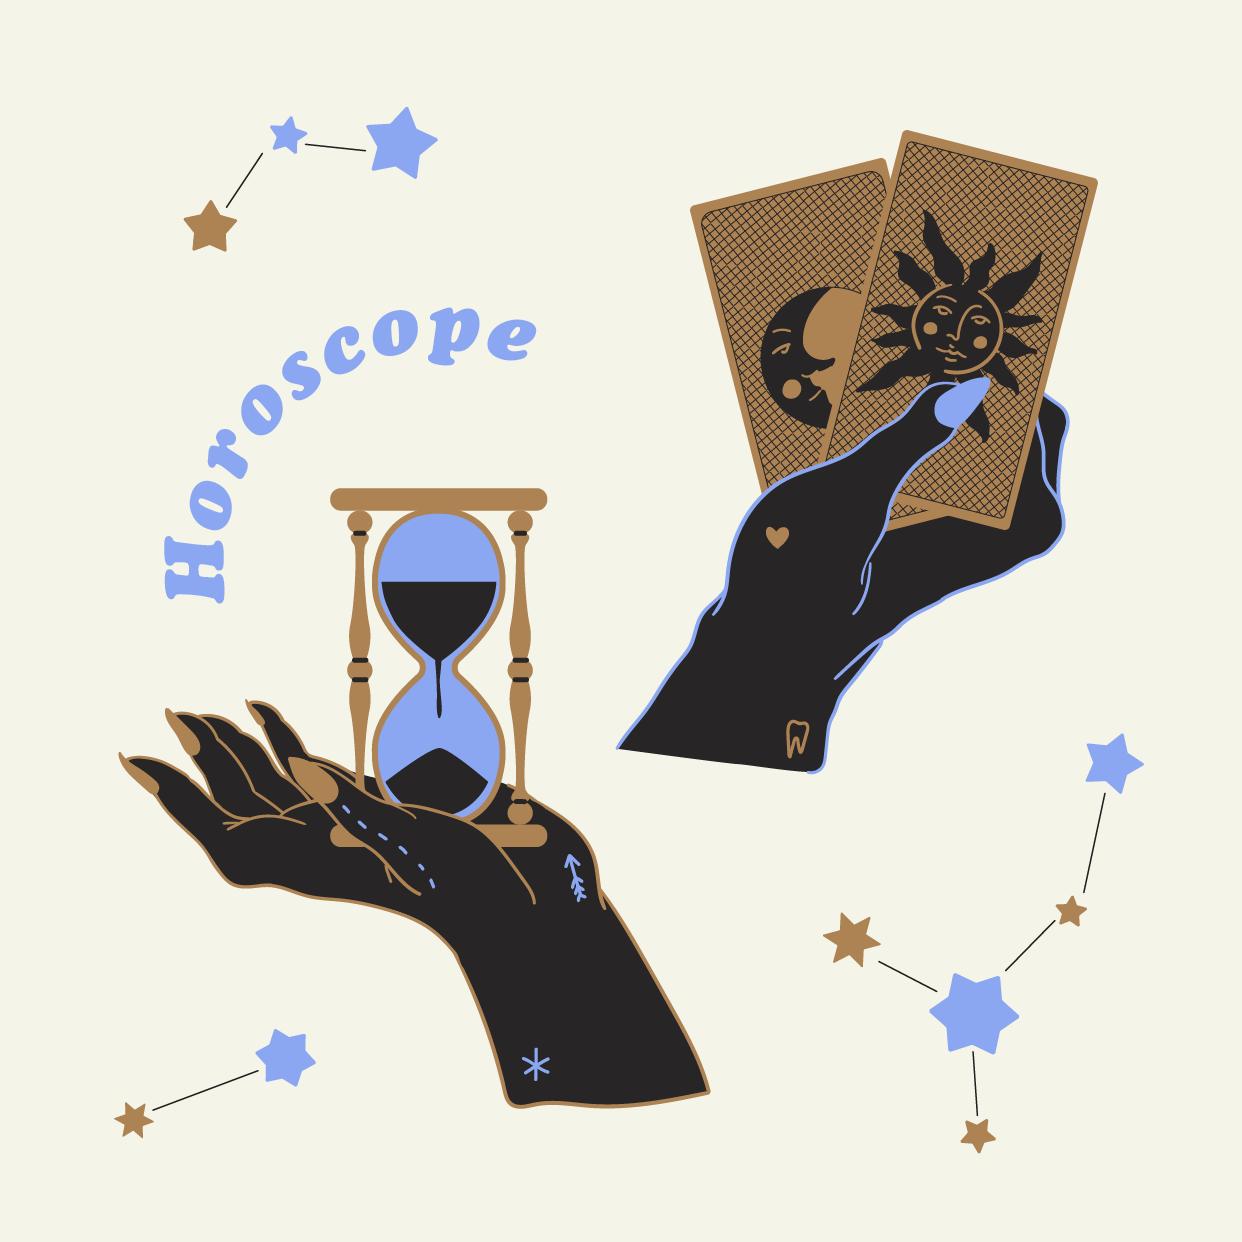 L'horoscope d'avril : nouveaux départs et rebondissements